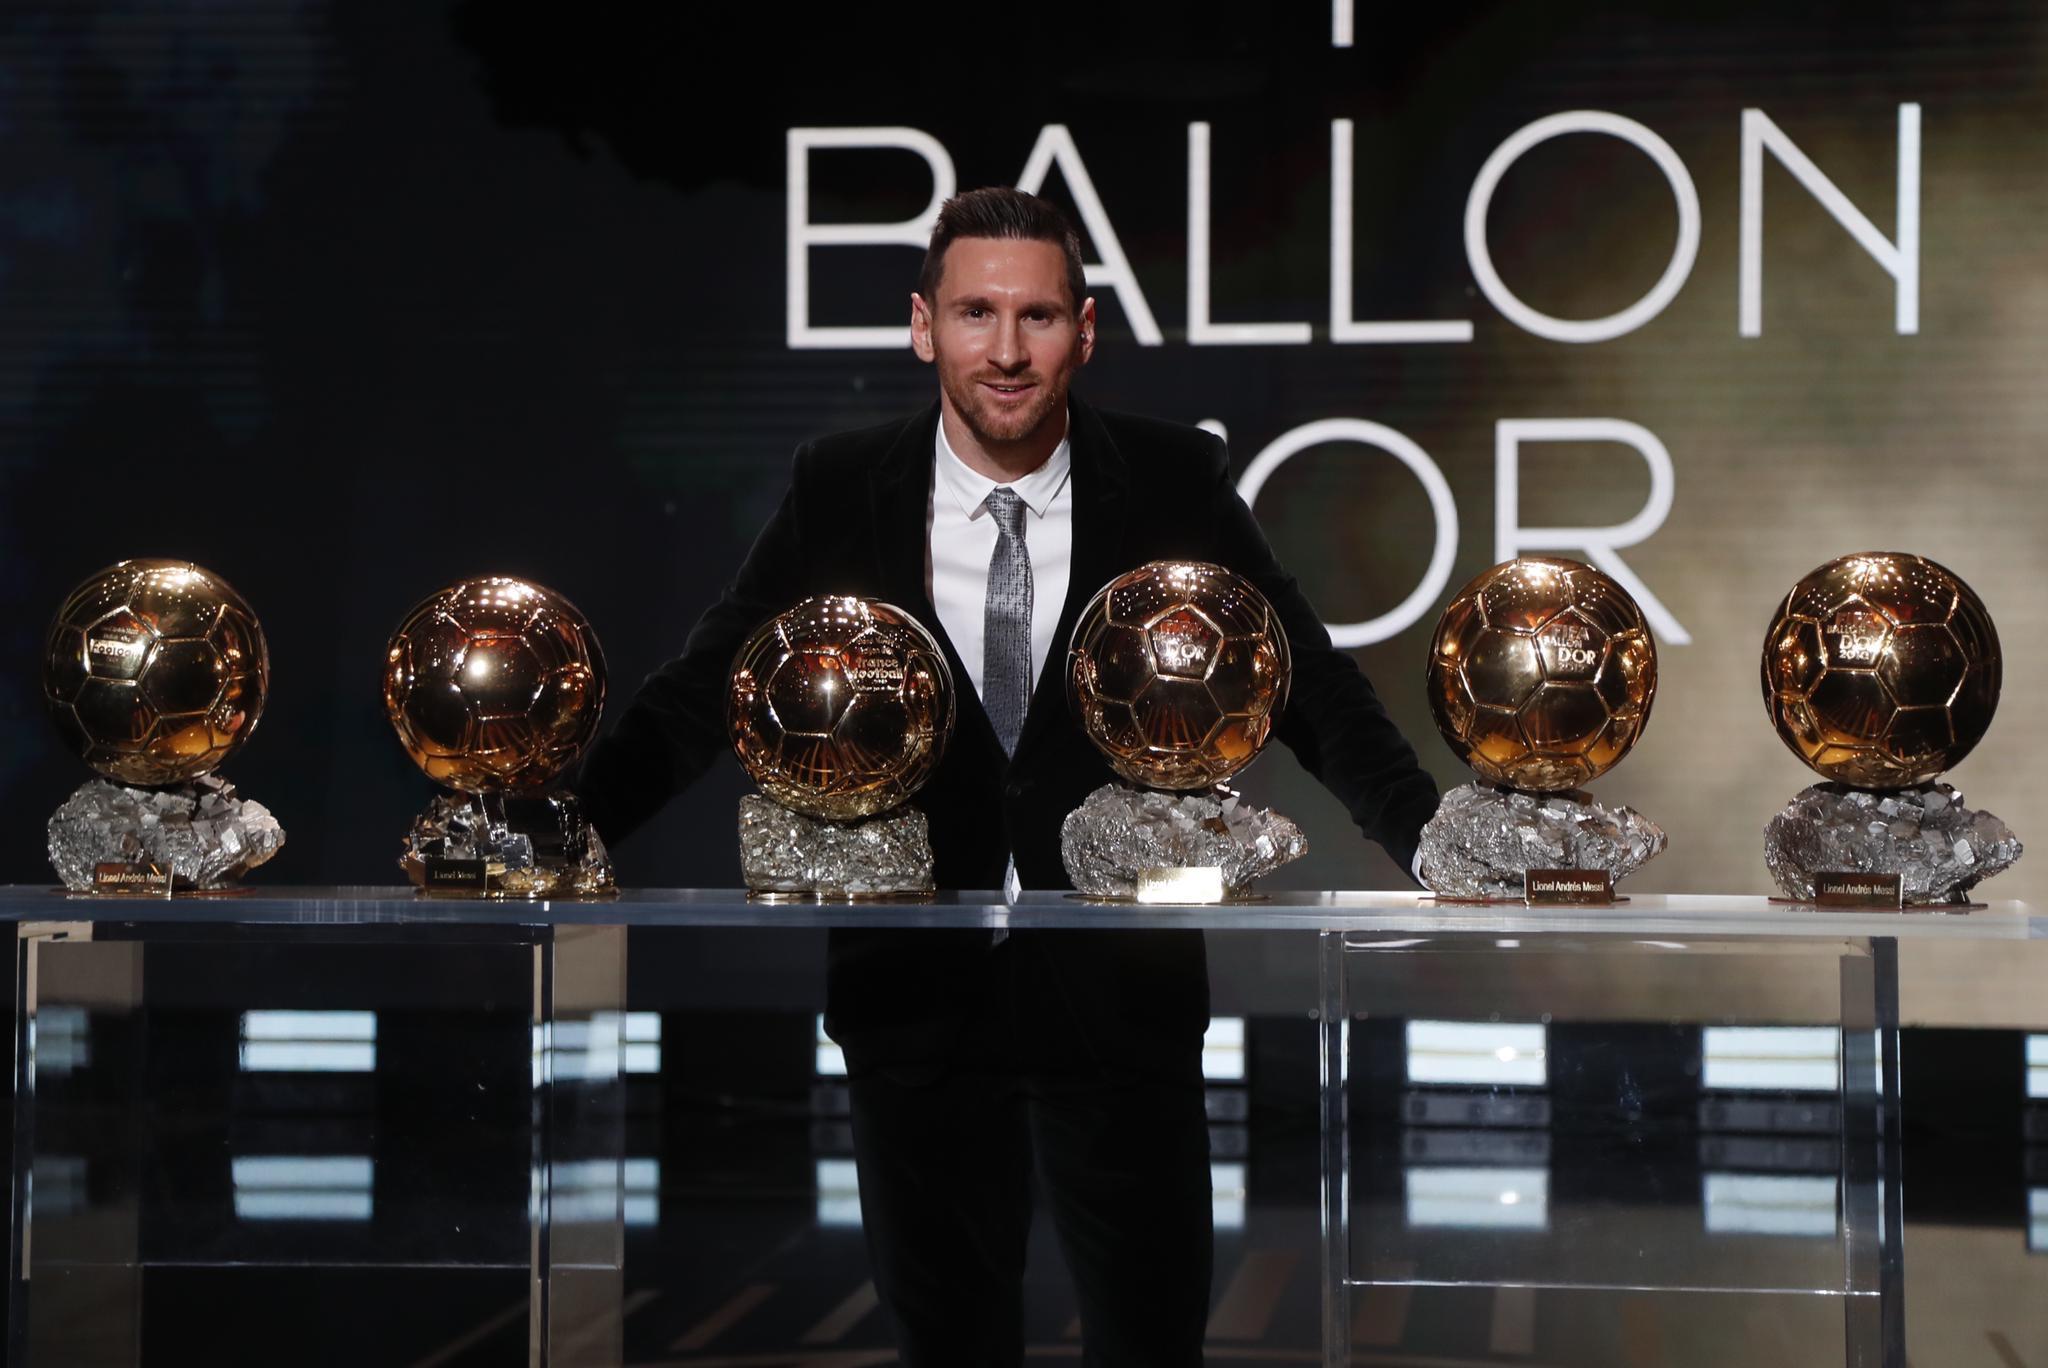 الأرجنتيني ميسي يفوز بالكرة الذهبية كأفضل لاعب في العالم للمرة السادسة في تاريخه